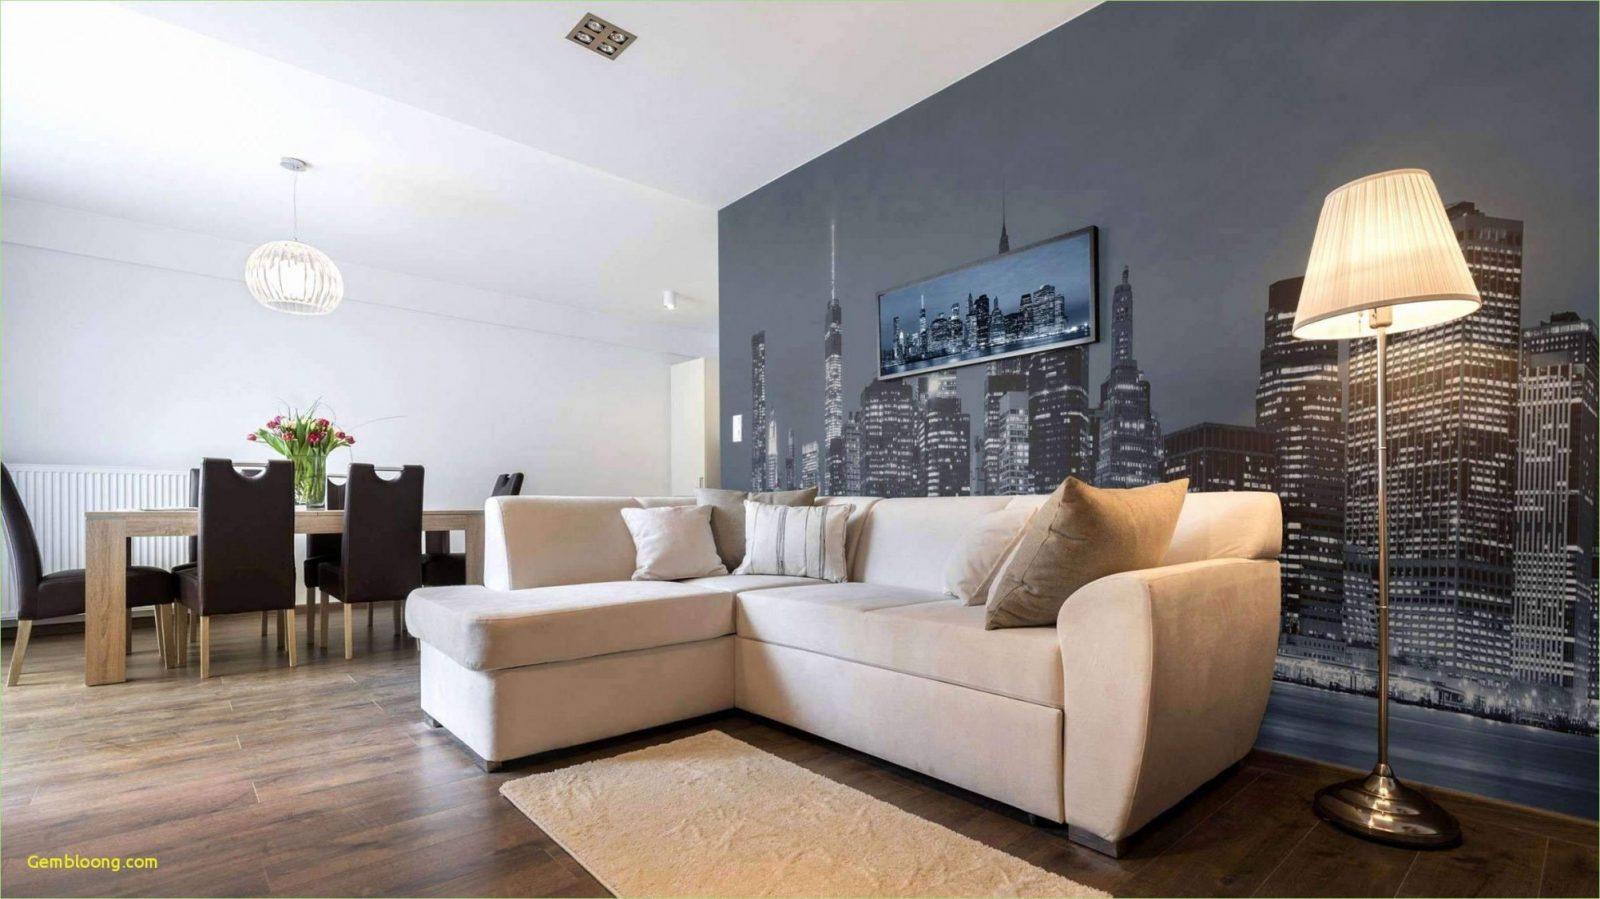 Elegant Deko Wand Wohnzimmer  Haus Zimmer Idee von Dekoration Für Die Wand Bild